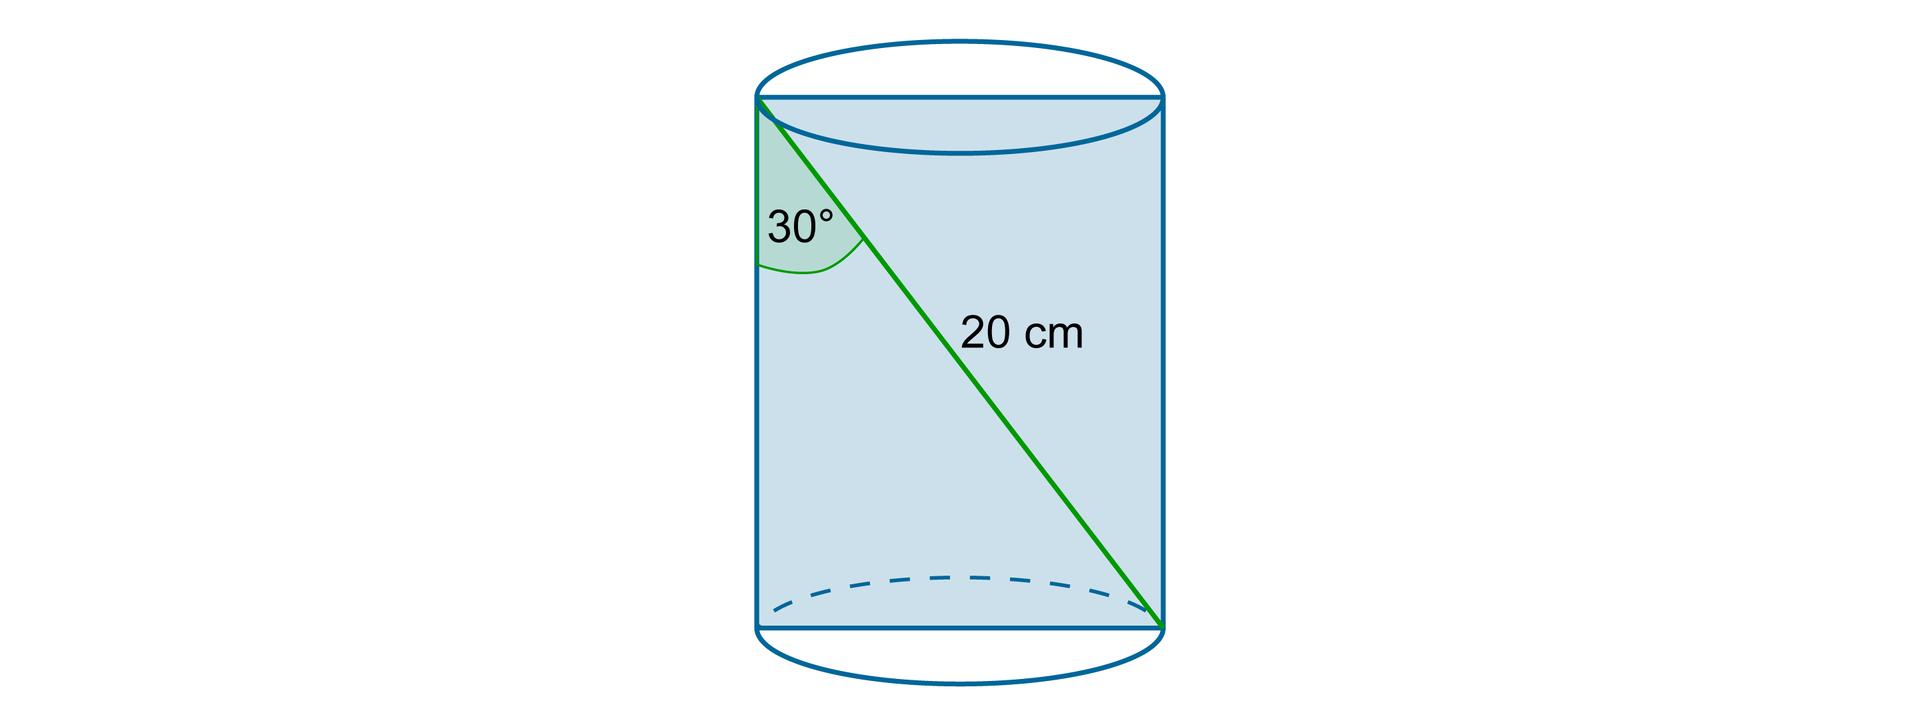 Rysunek walca zzaznaczonym przekrojem osiowym wkształcie prostokąta. Przekątna prostokąta ma długość 20 cm. Zaznaczony kąt, jaki tworzy przekątna prostokąta zjego bokiem wynosi 30 stopni.